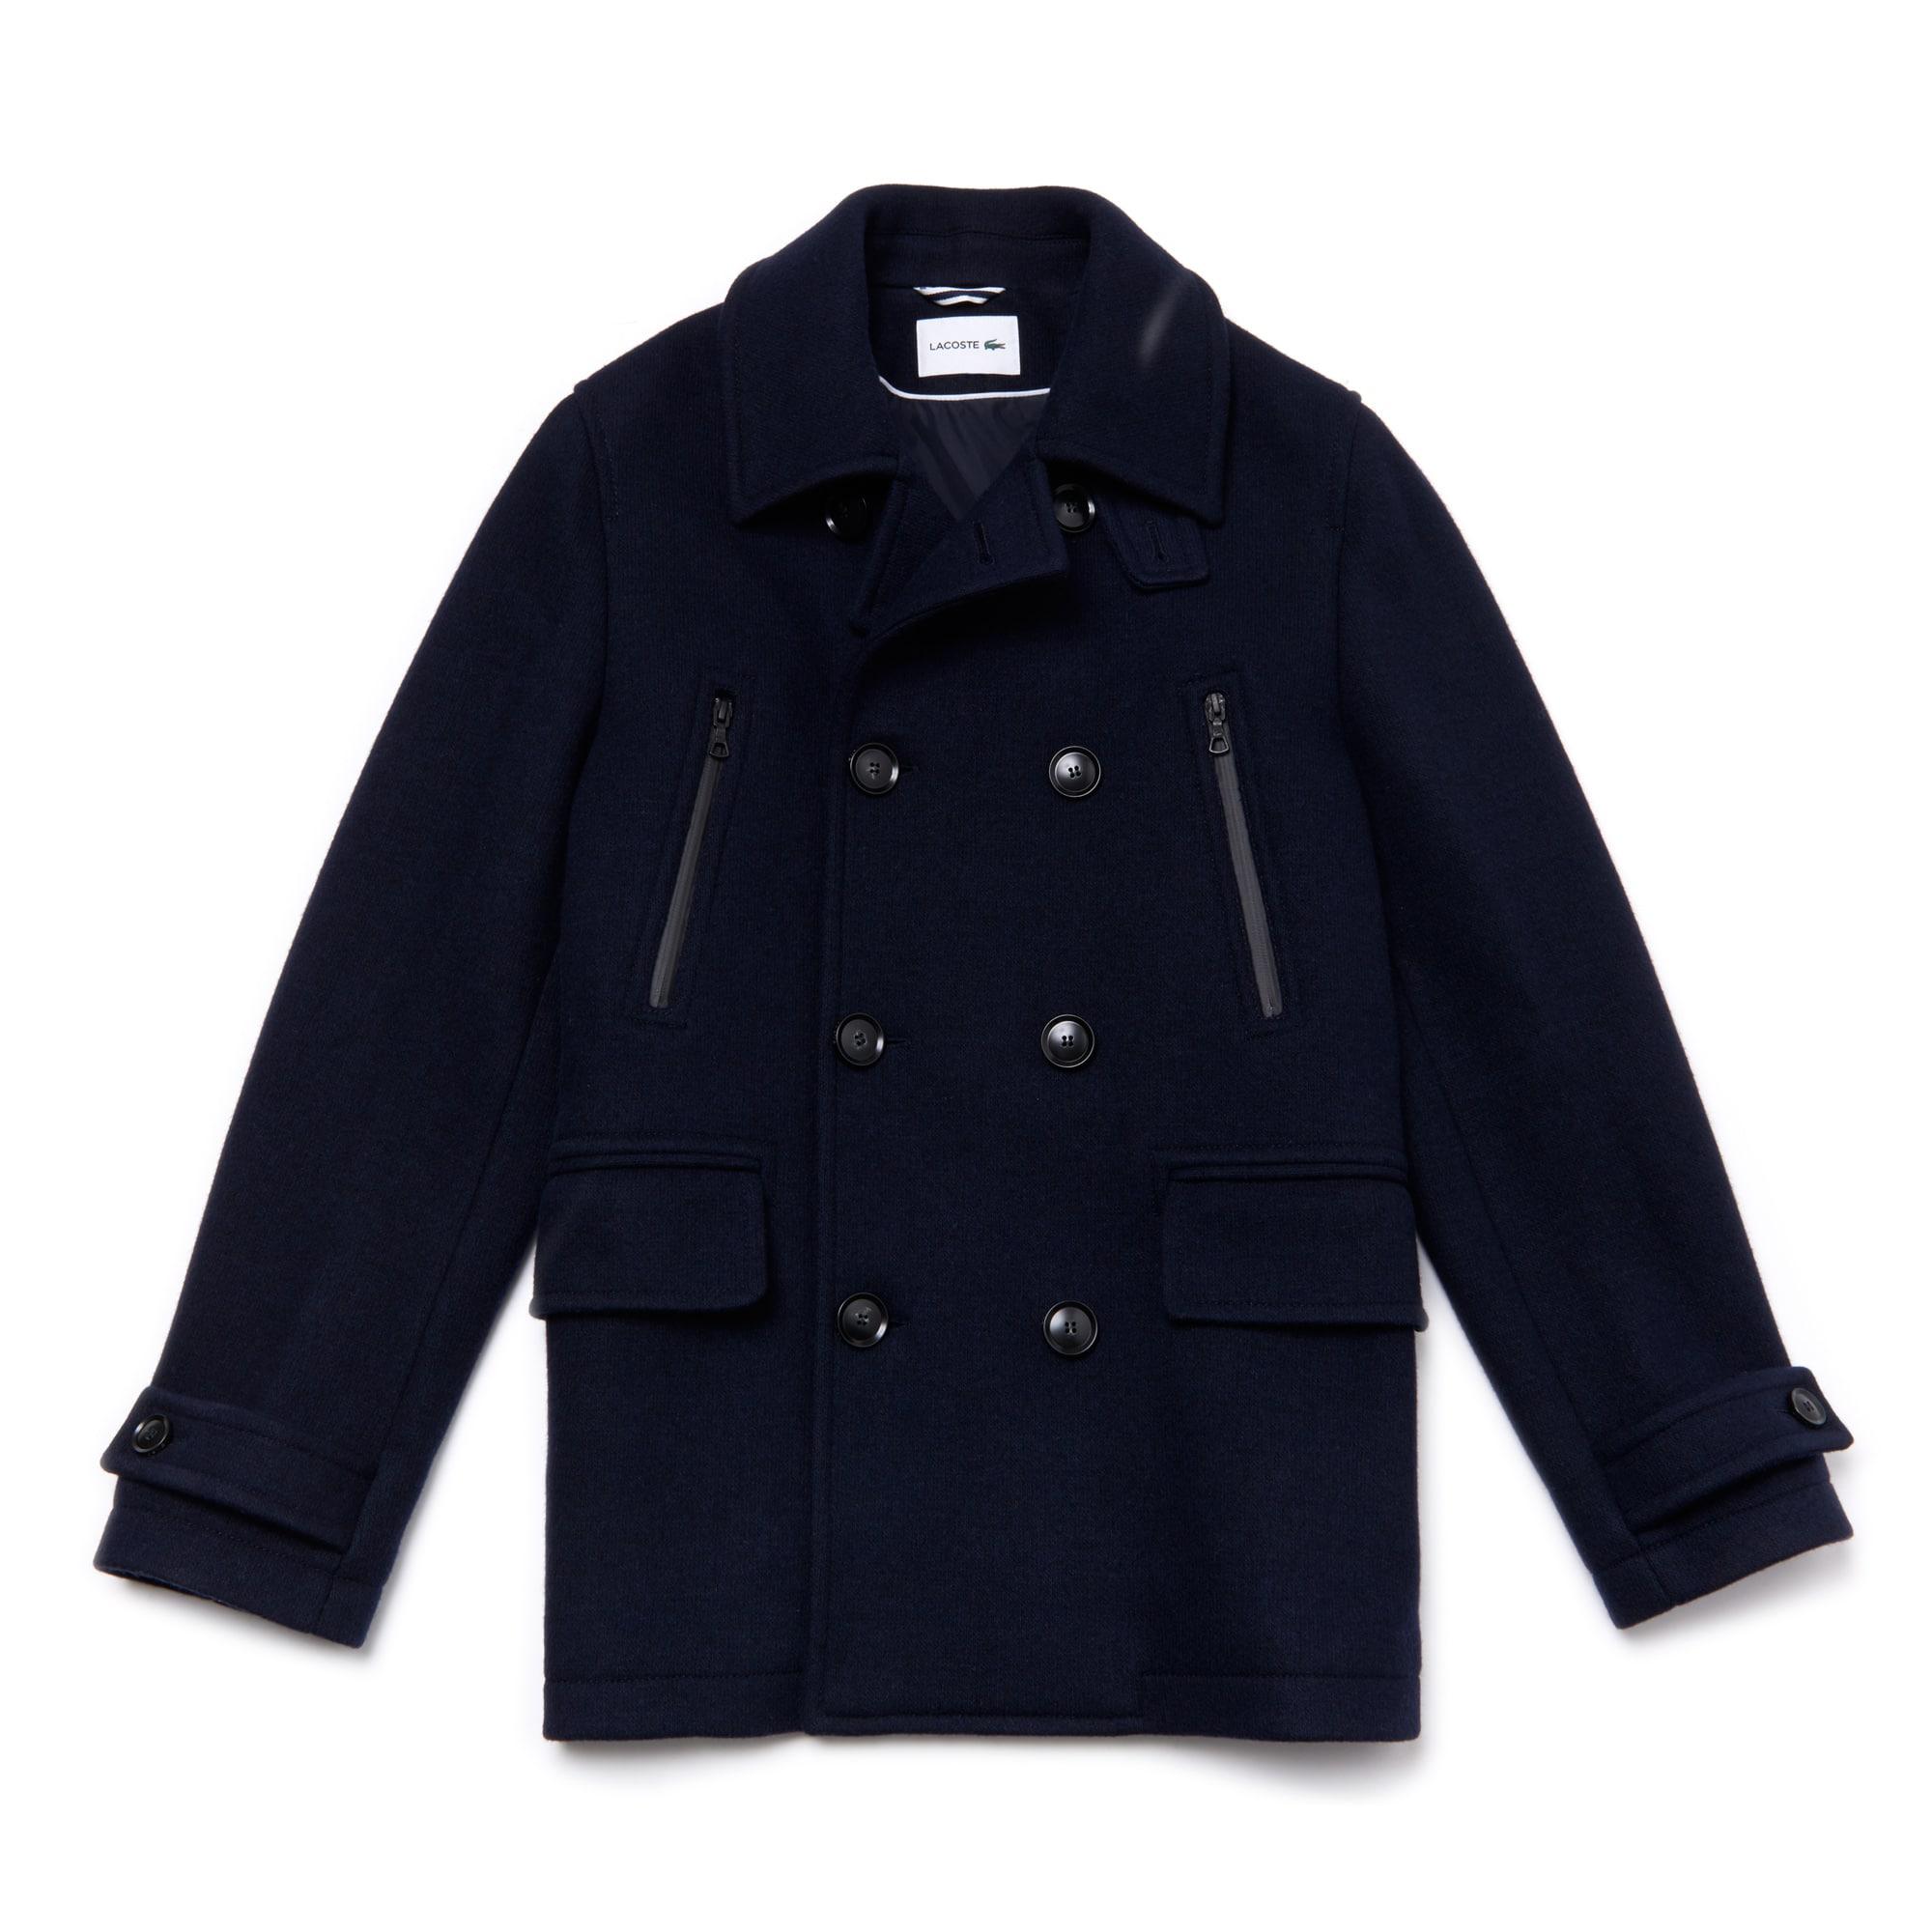 Men's Mid-Length Wool Jersey Pea Coat